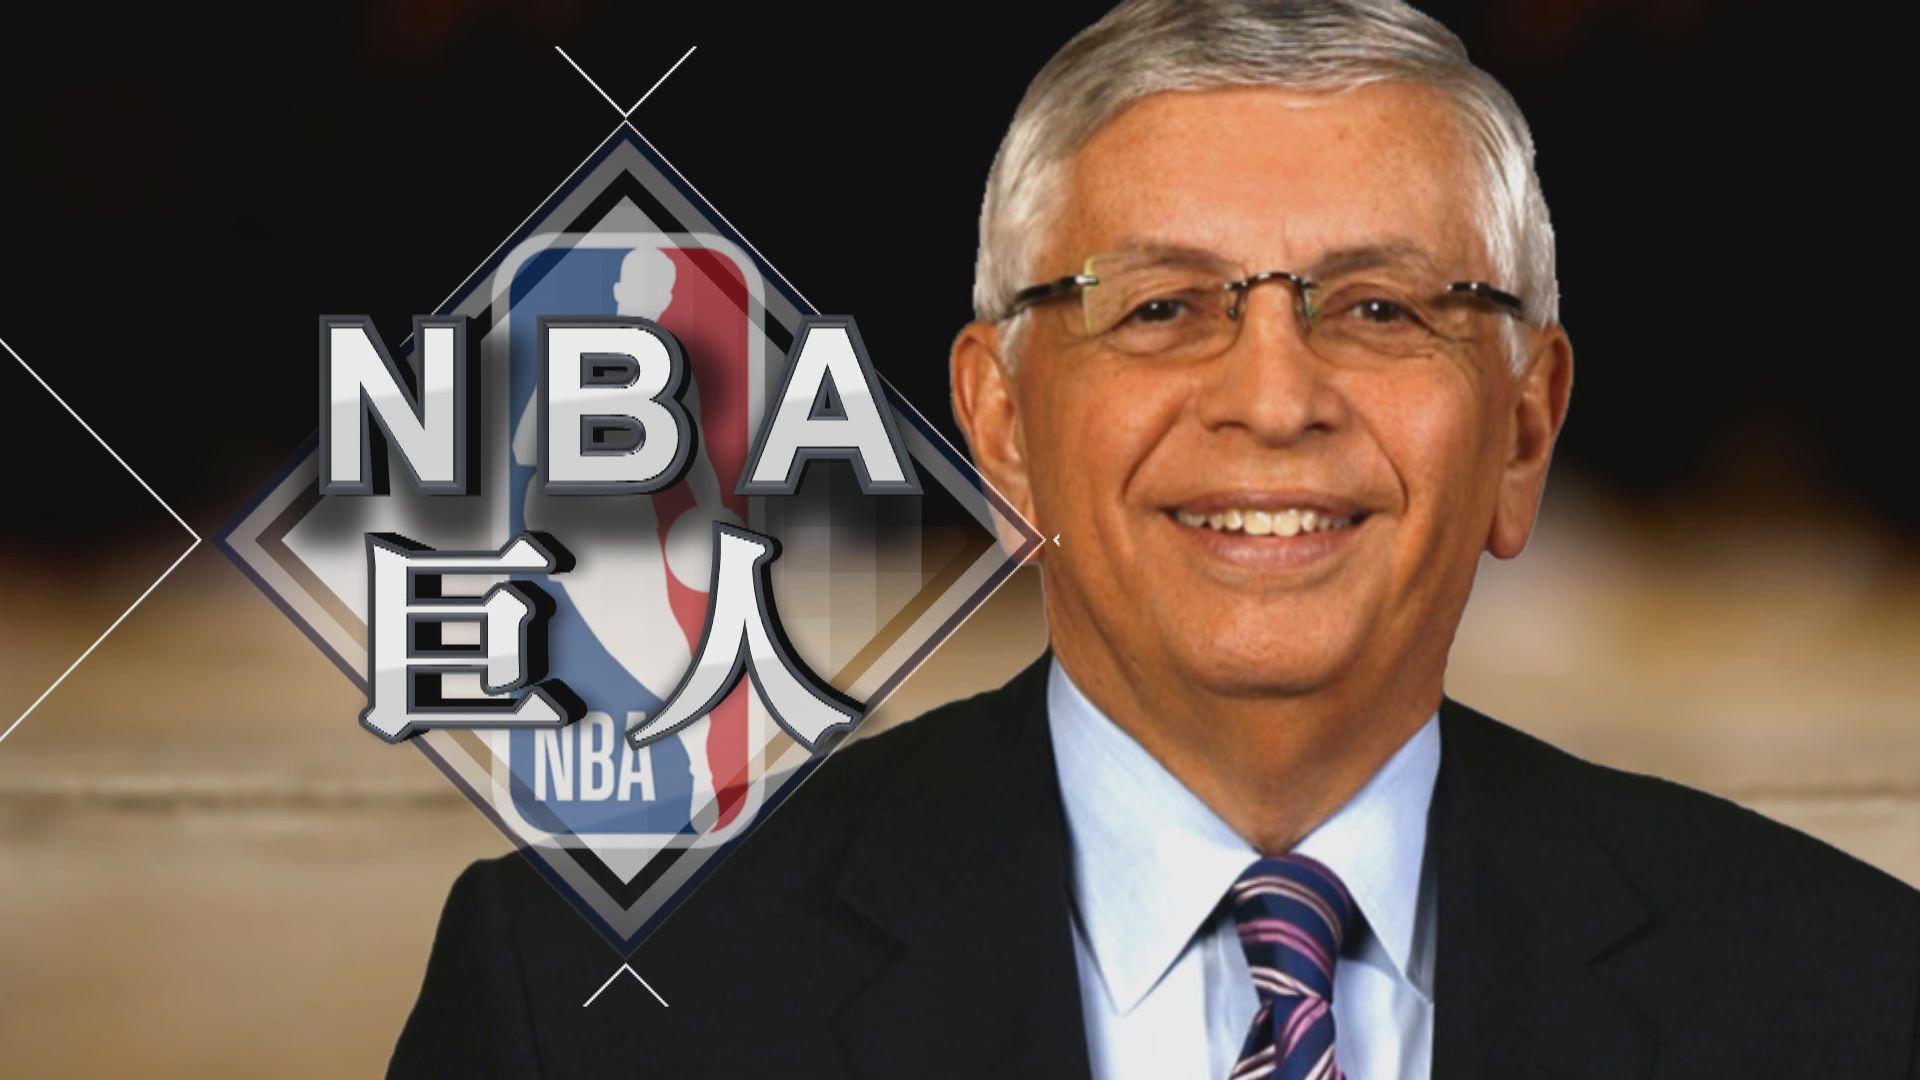 【新聞智庫】NBA前總裁大衛史端離世 回顧開創籃球王國傳奇人物